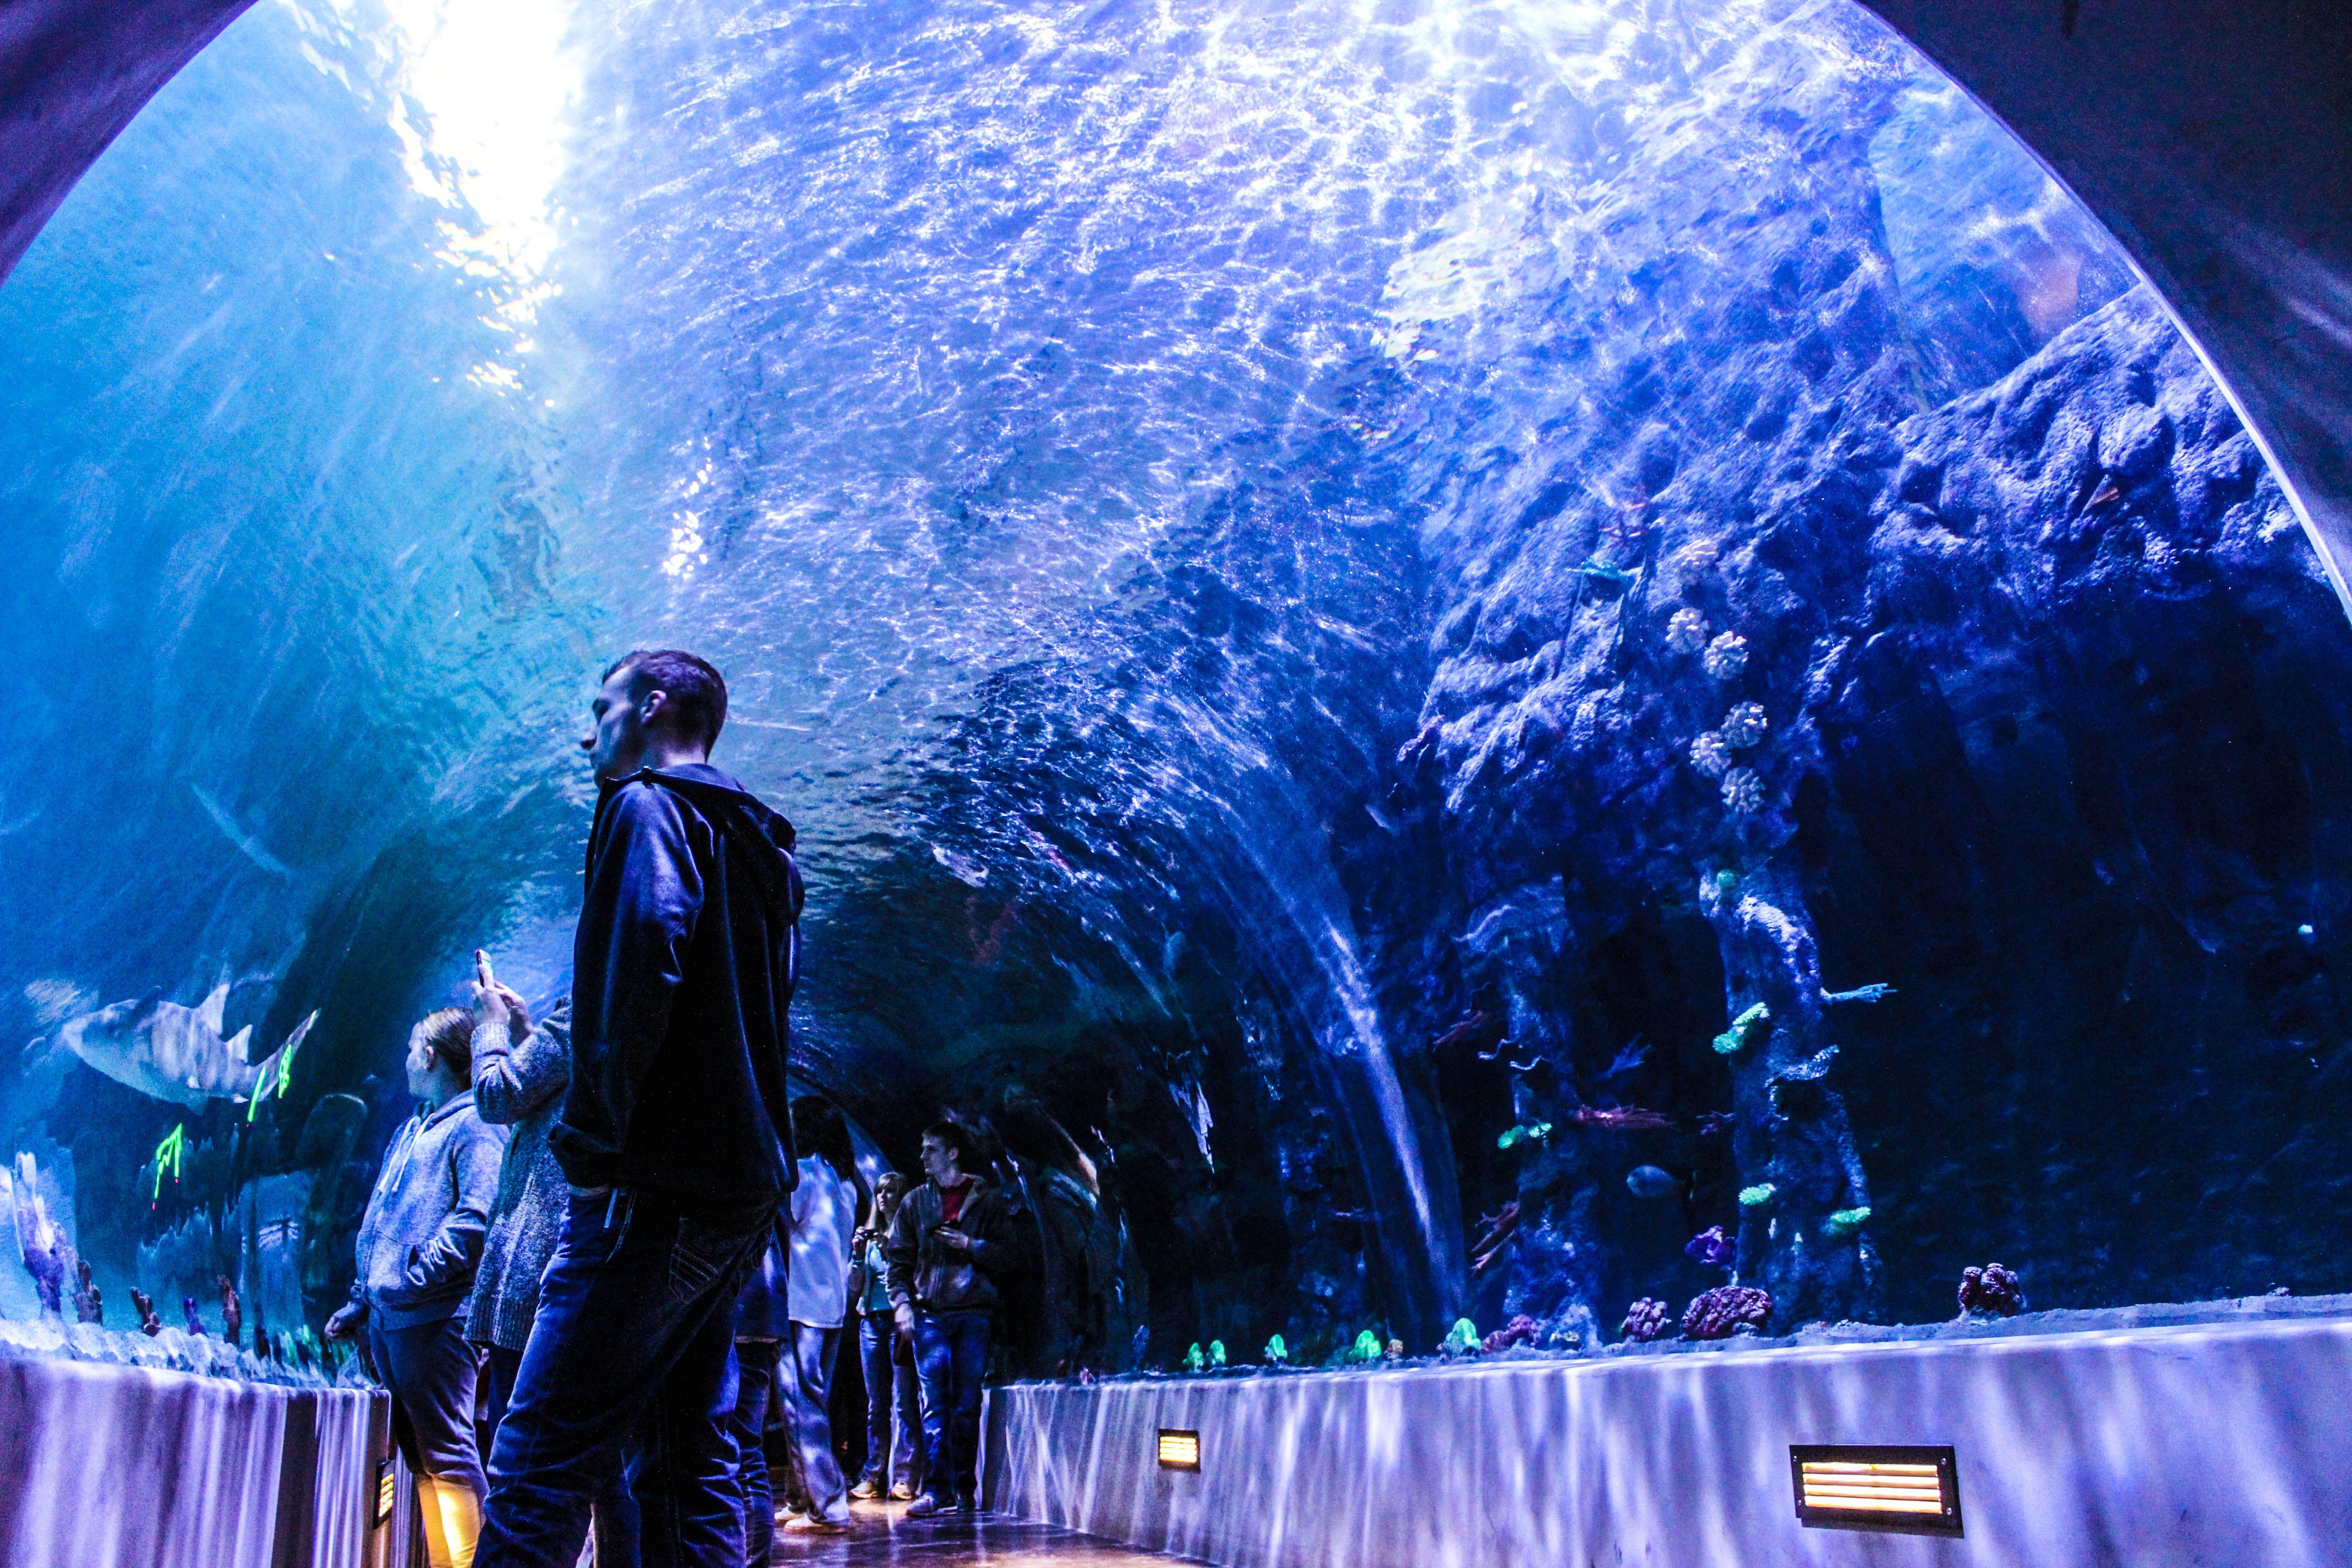 52d799b7d14ee38f40f63f1408592ac2 Frais De Aquarium Osaka Concept